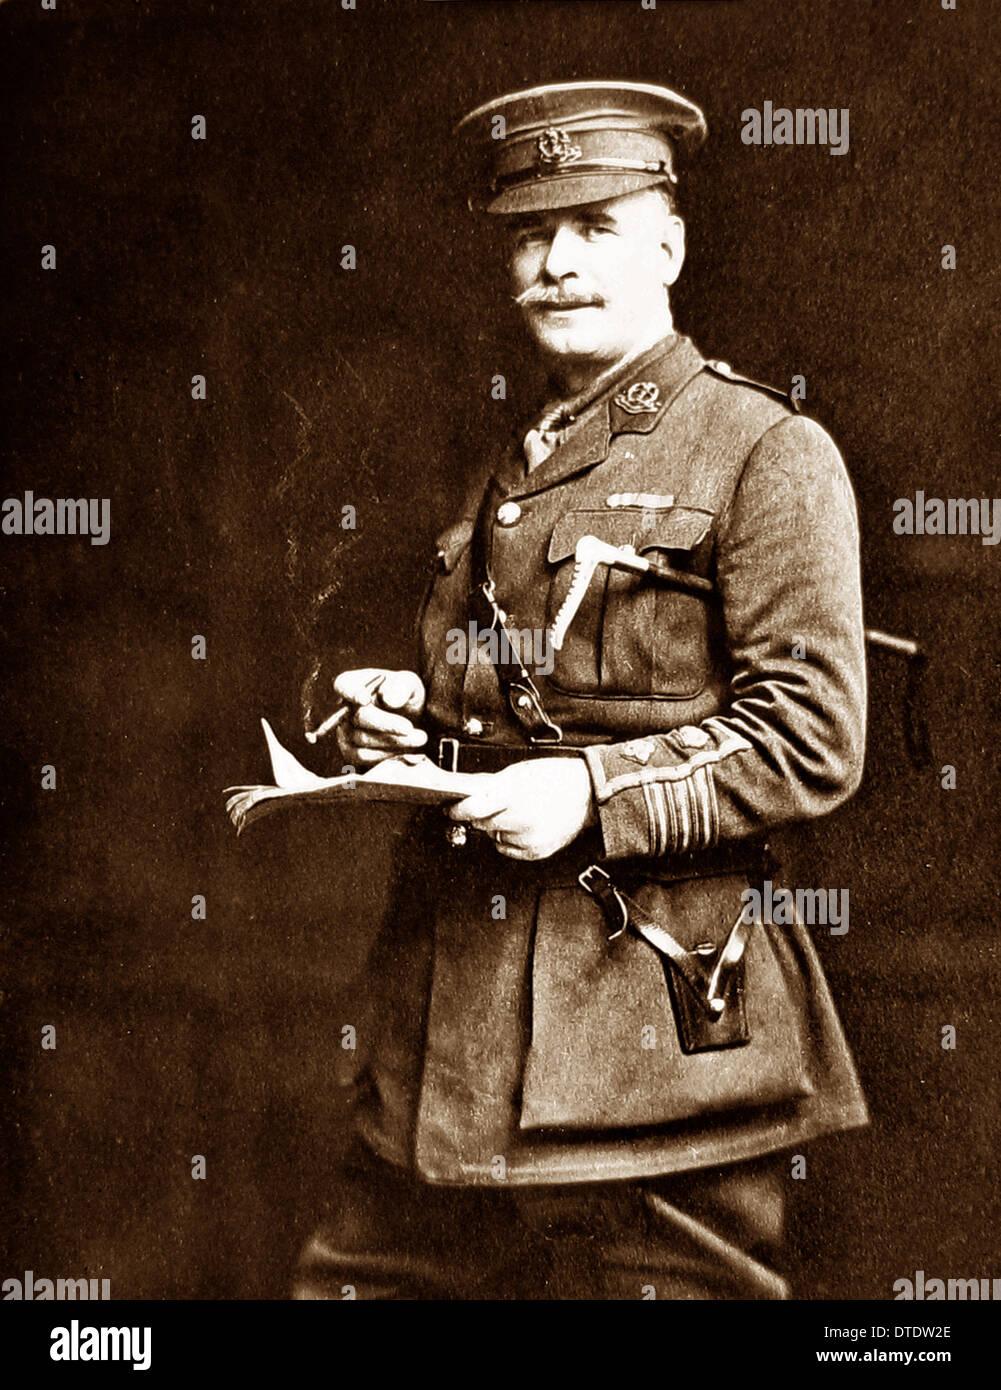 Colonel John Ward MP - trade unionist - Stock Image